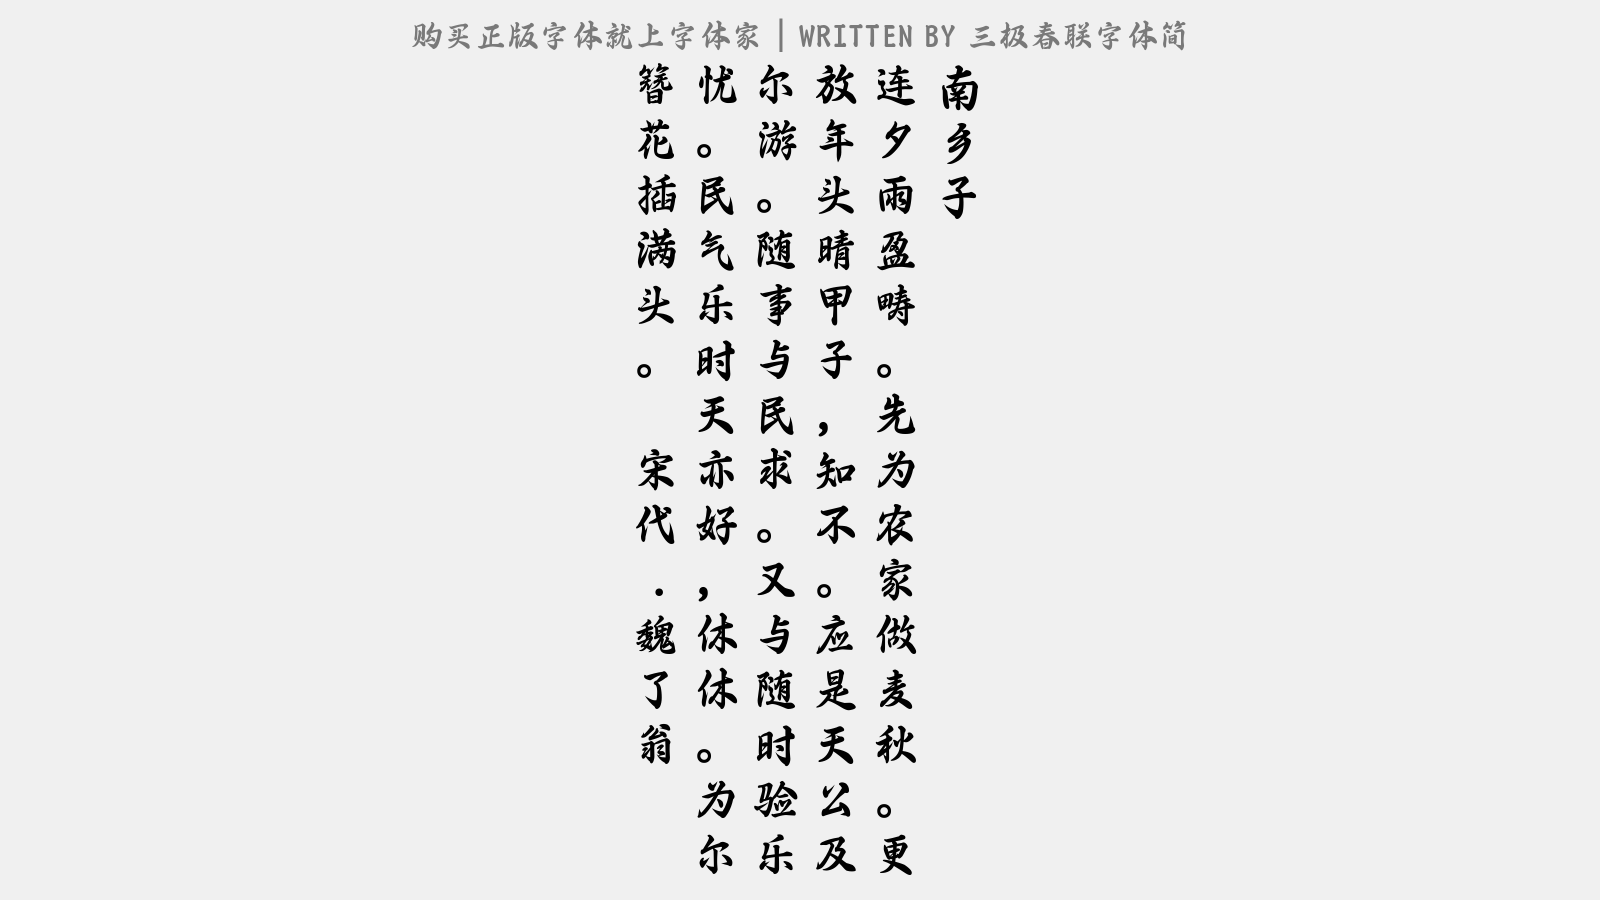 三極春聯字體簡 - 南鄉子(上元馬上口占呈應提刑懋之)